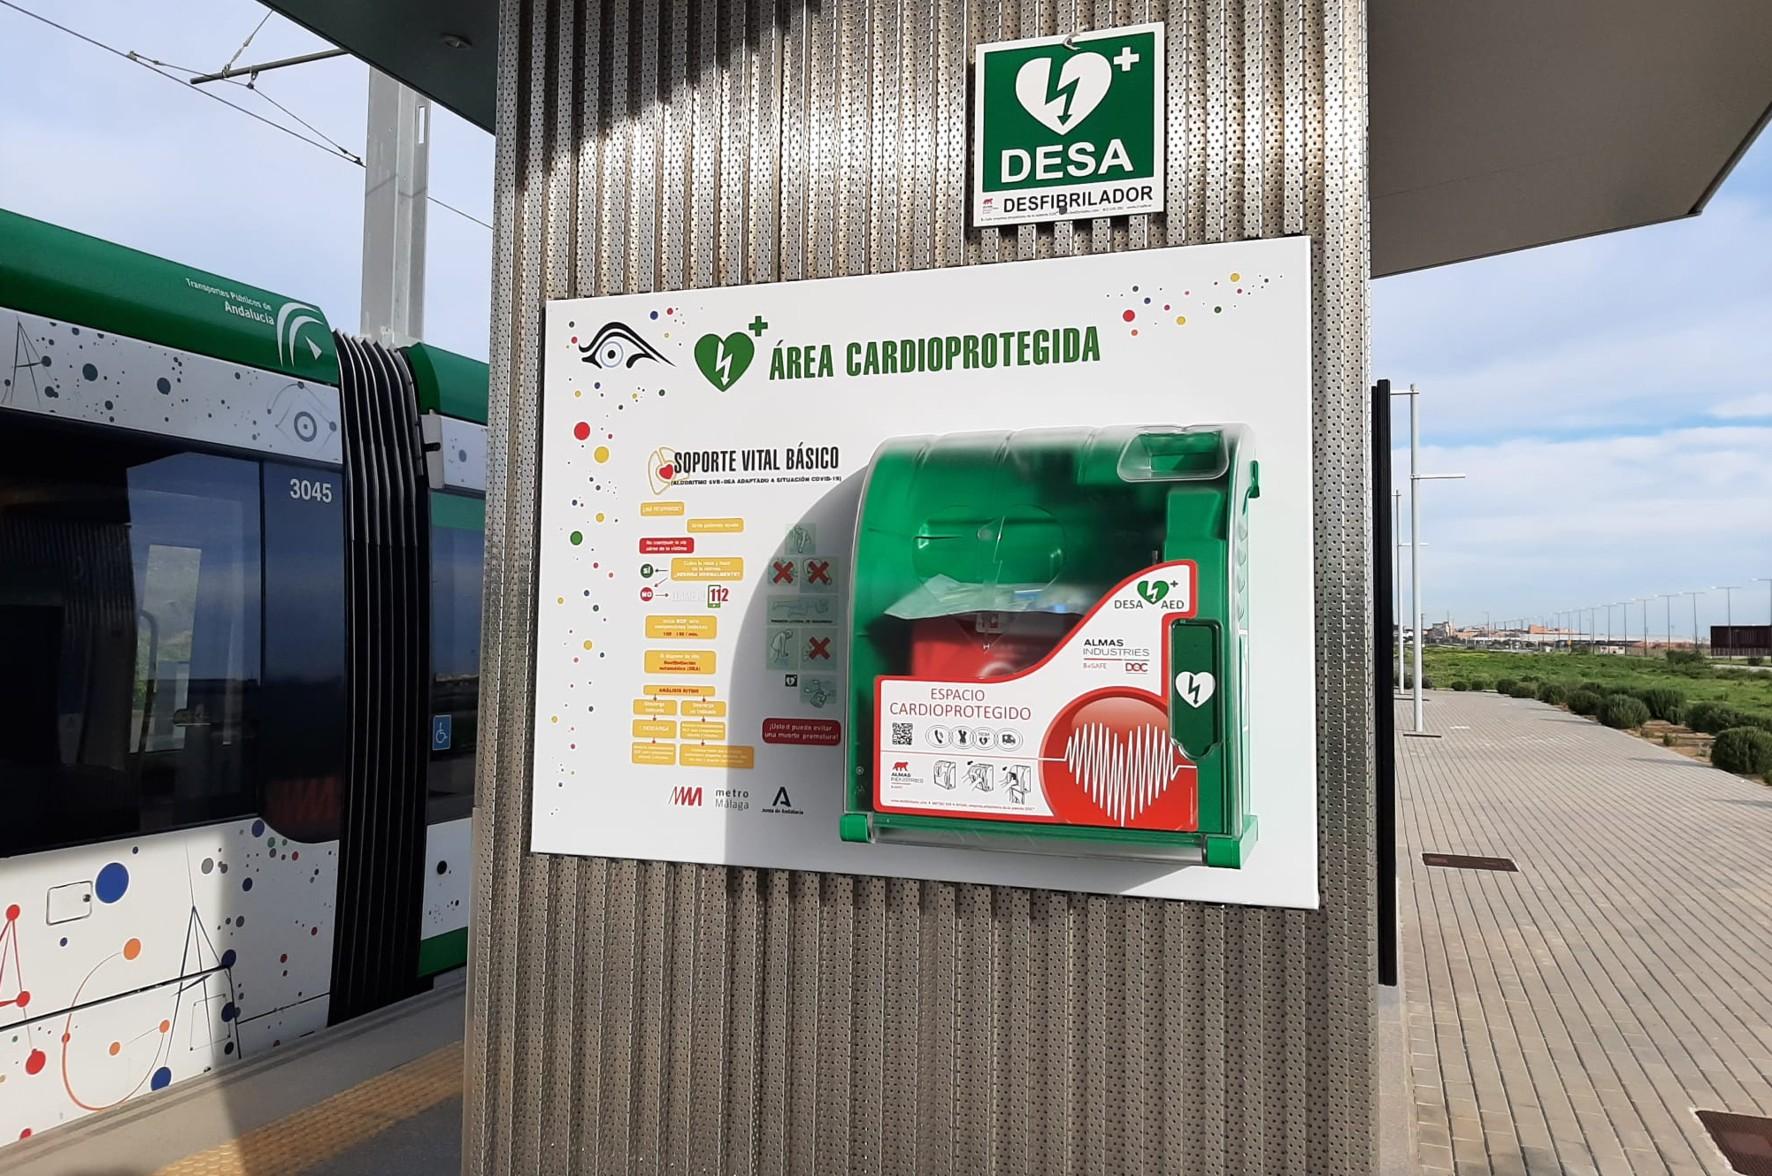 metro de Málaga ha instalado desfibriladores en todas sus paradas y estaciones.